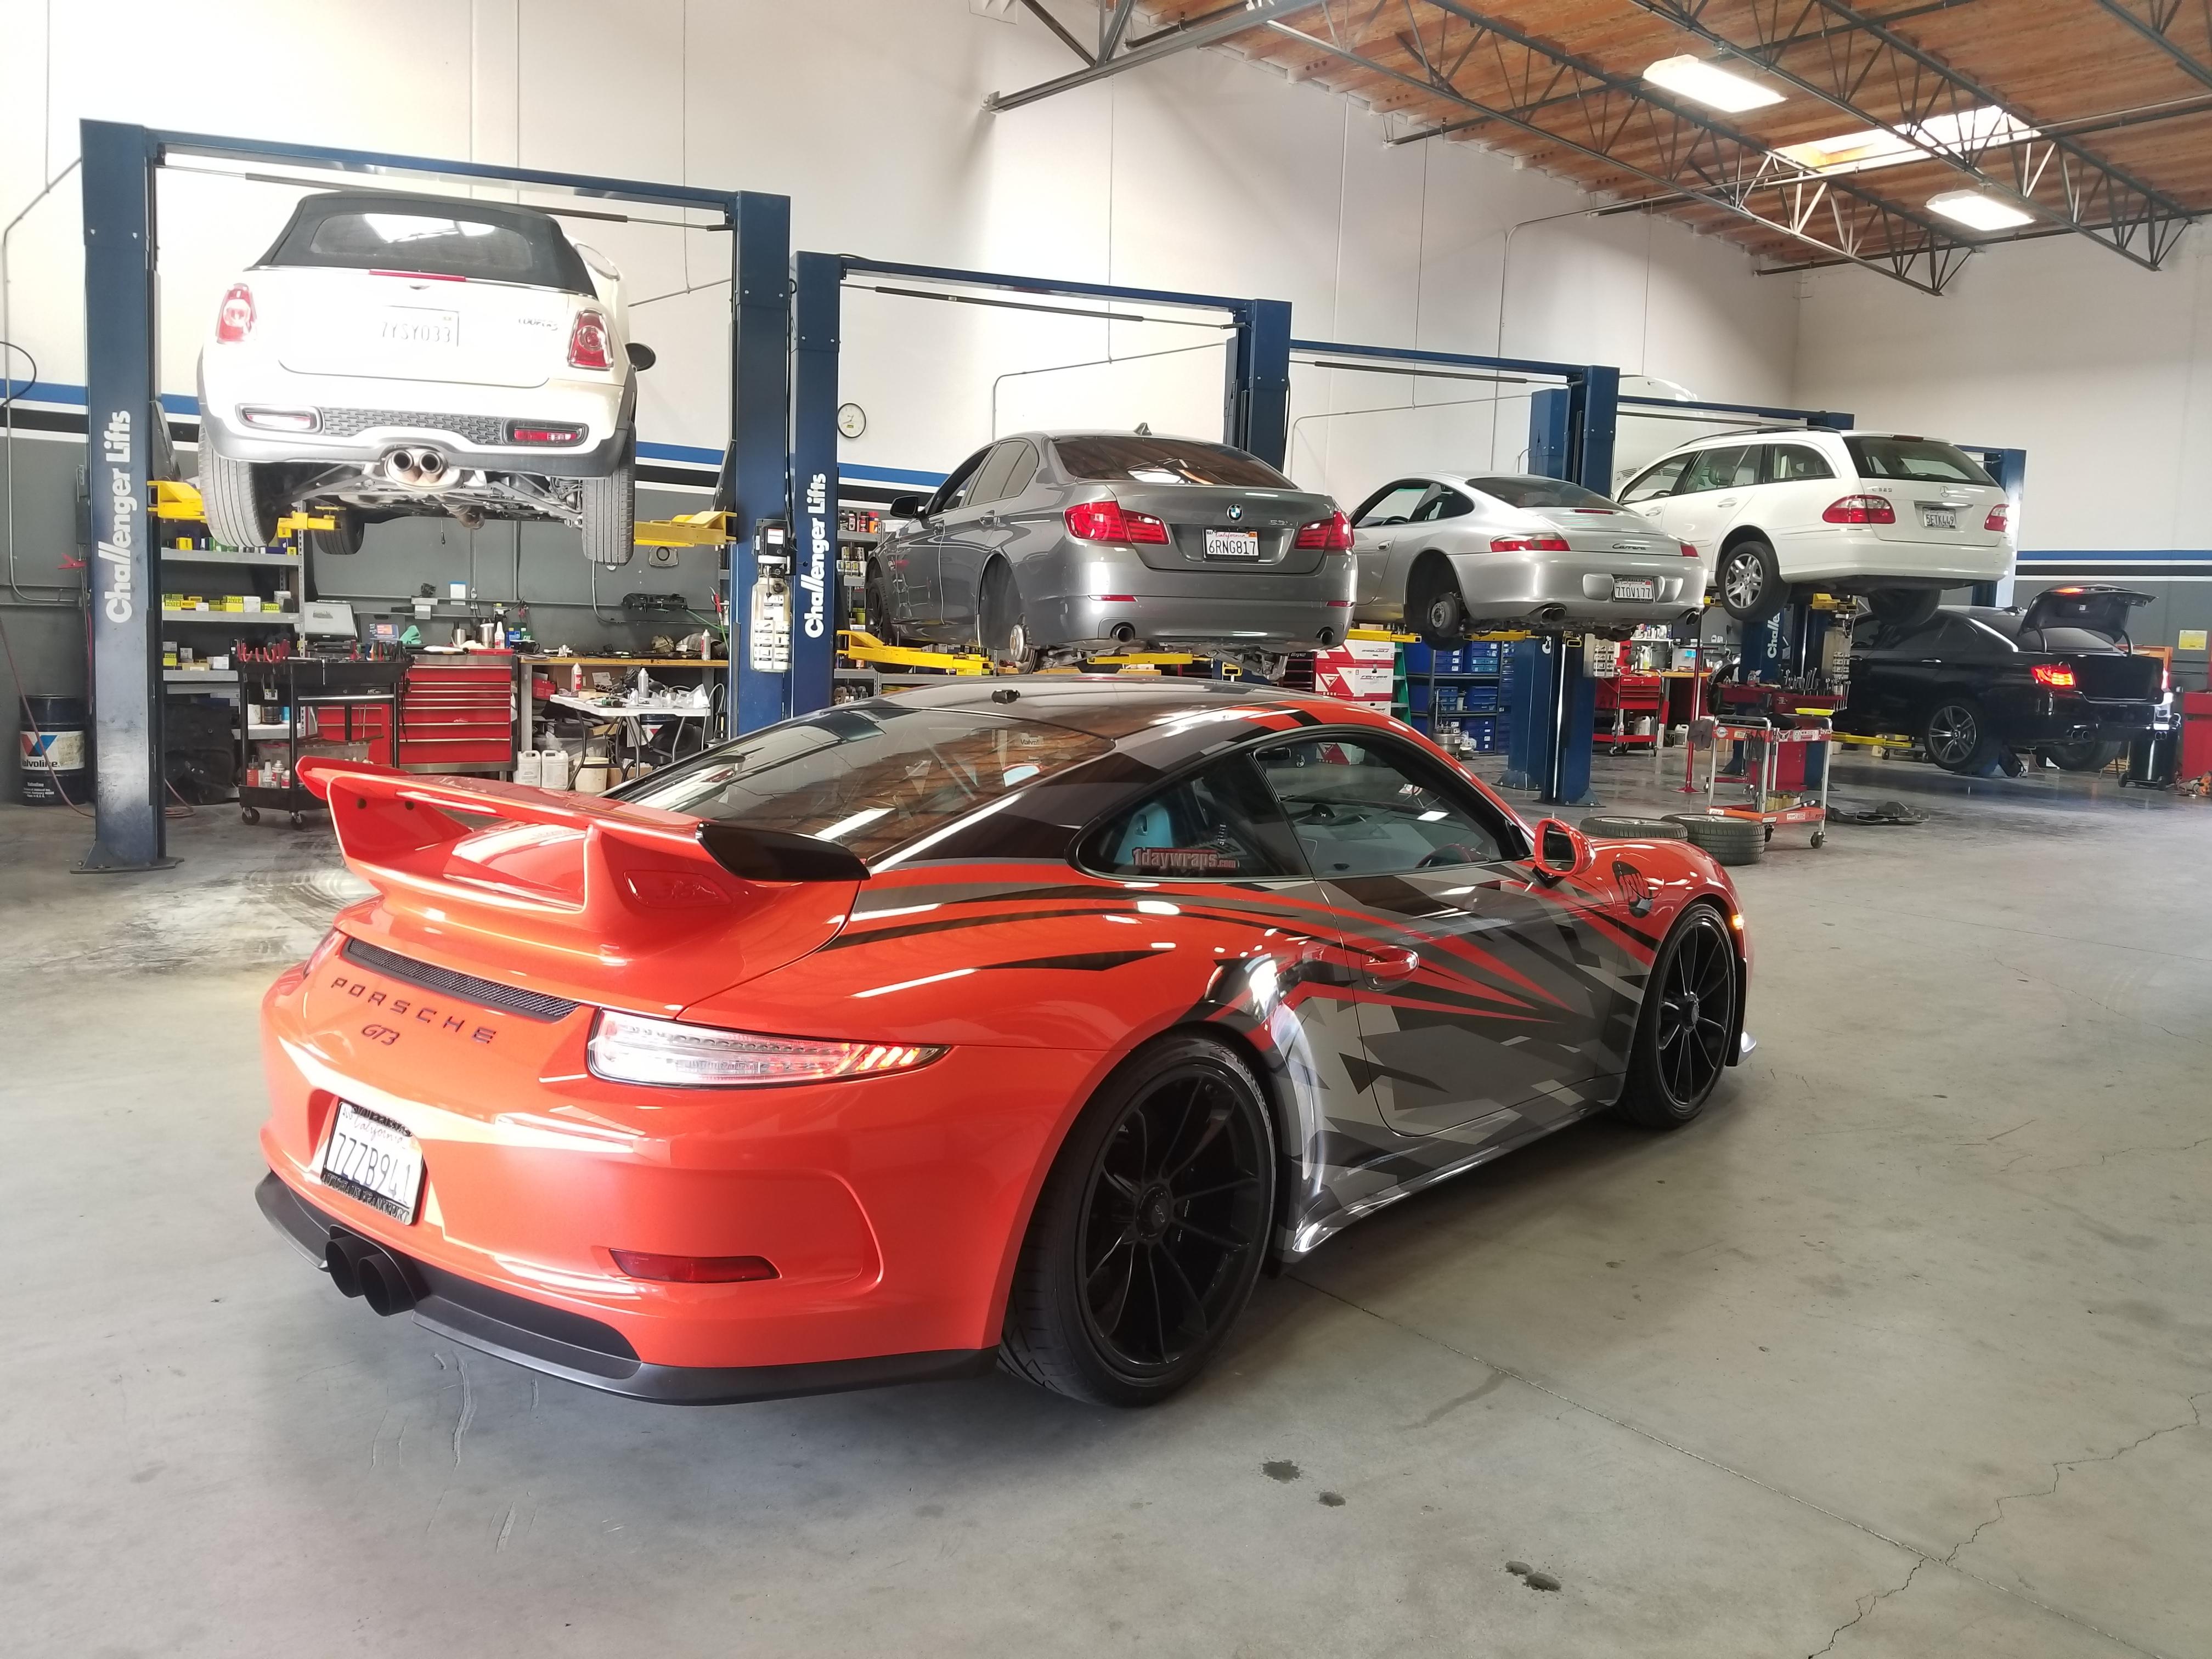 VR Tuned ECU Flash Tune Porsche 991 GT3 3 8L 475hp 14-16